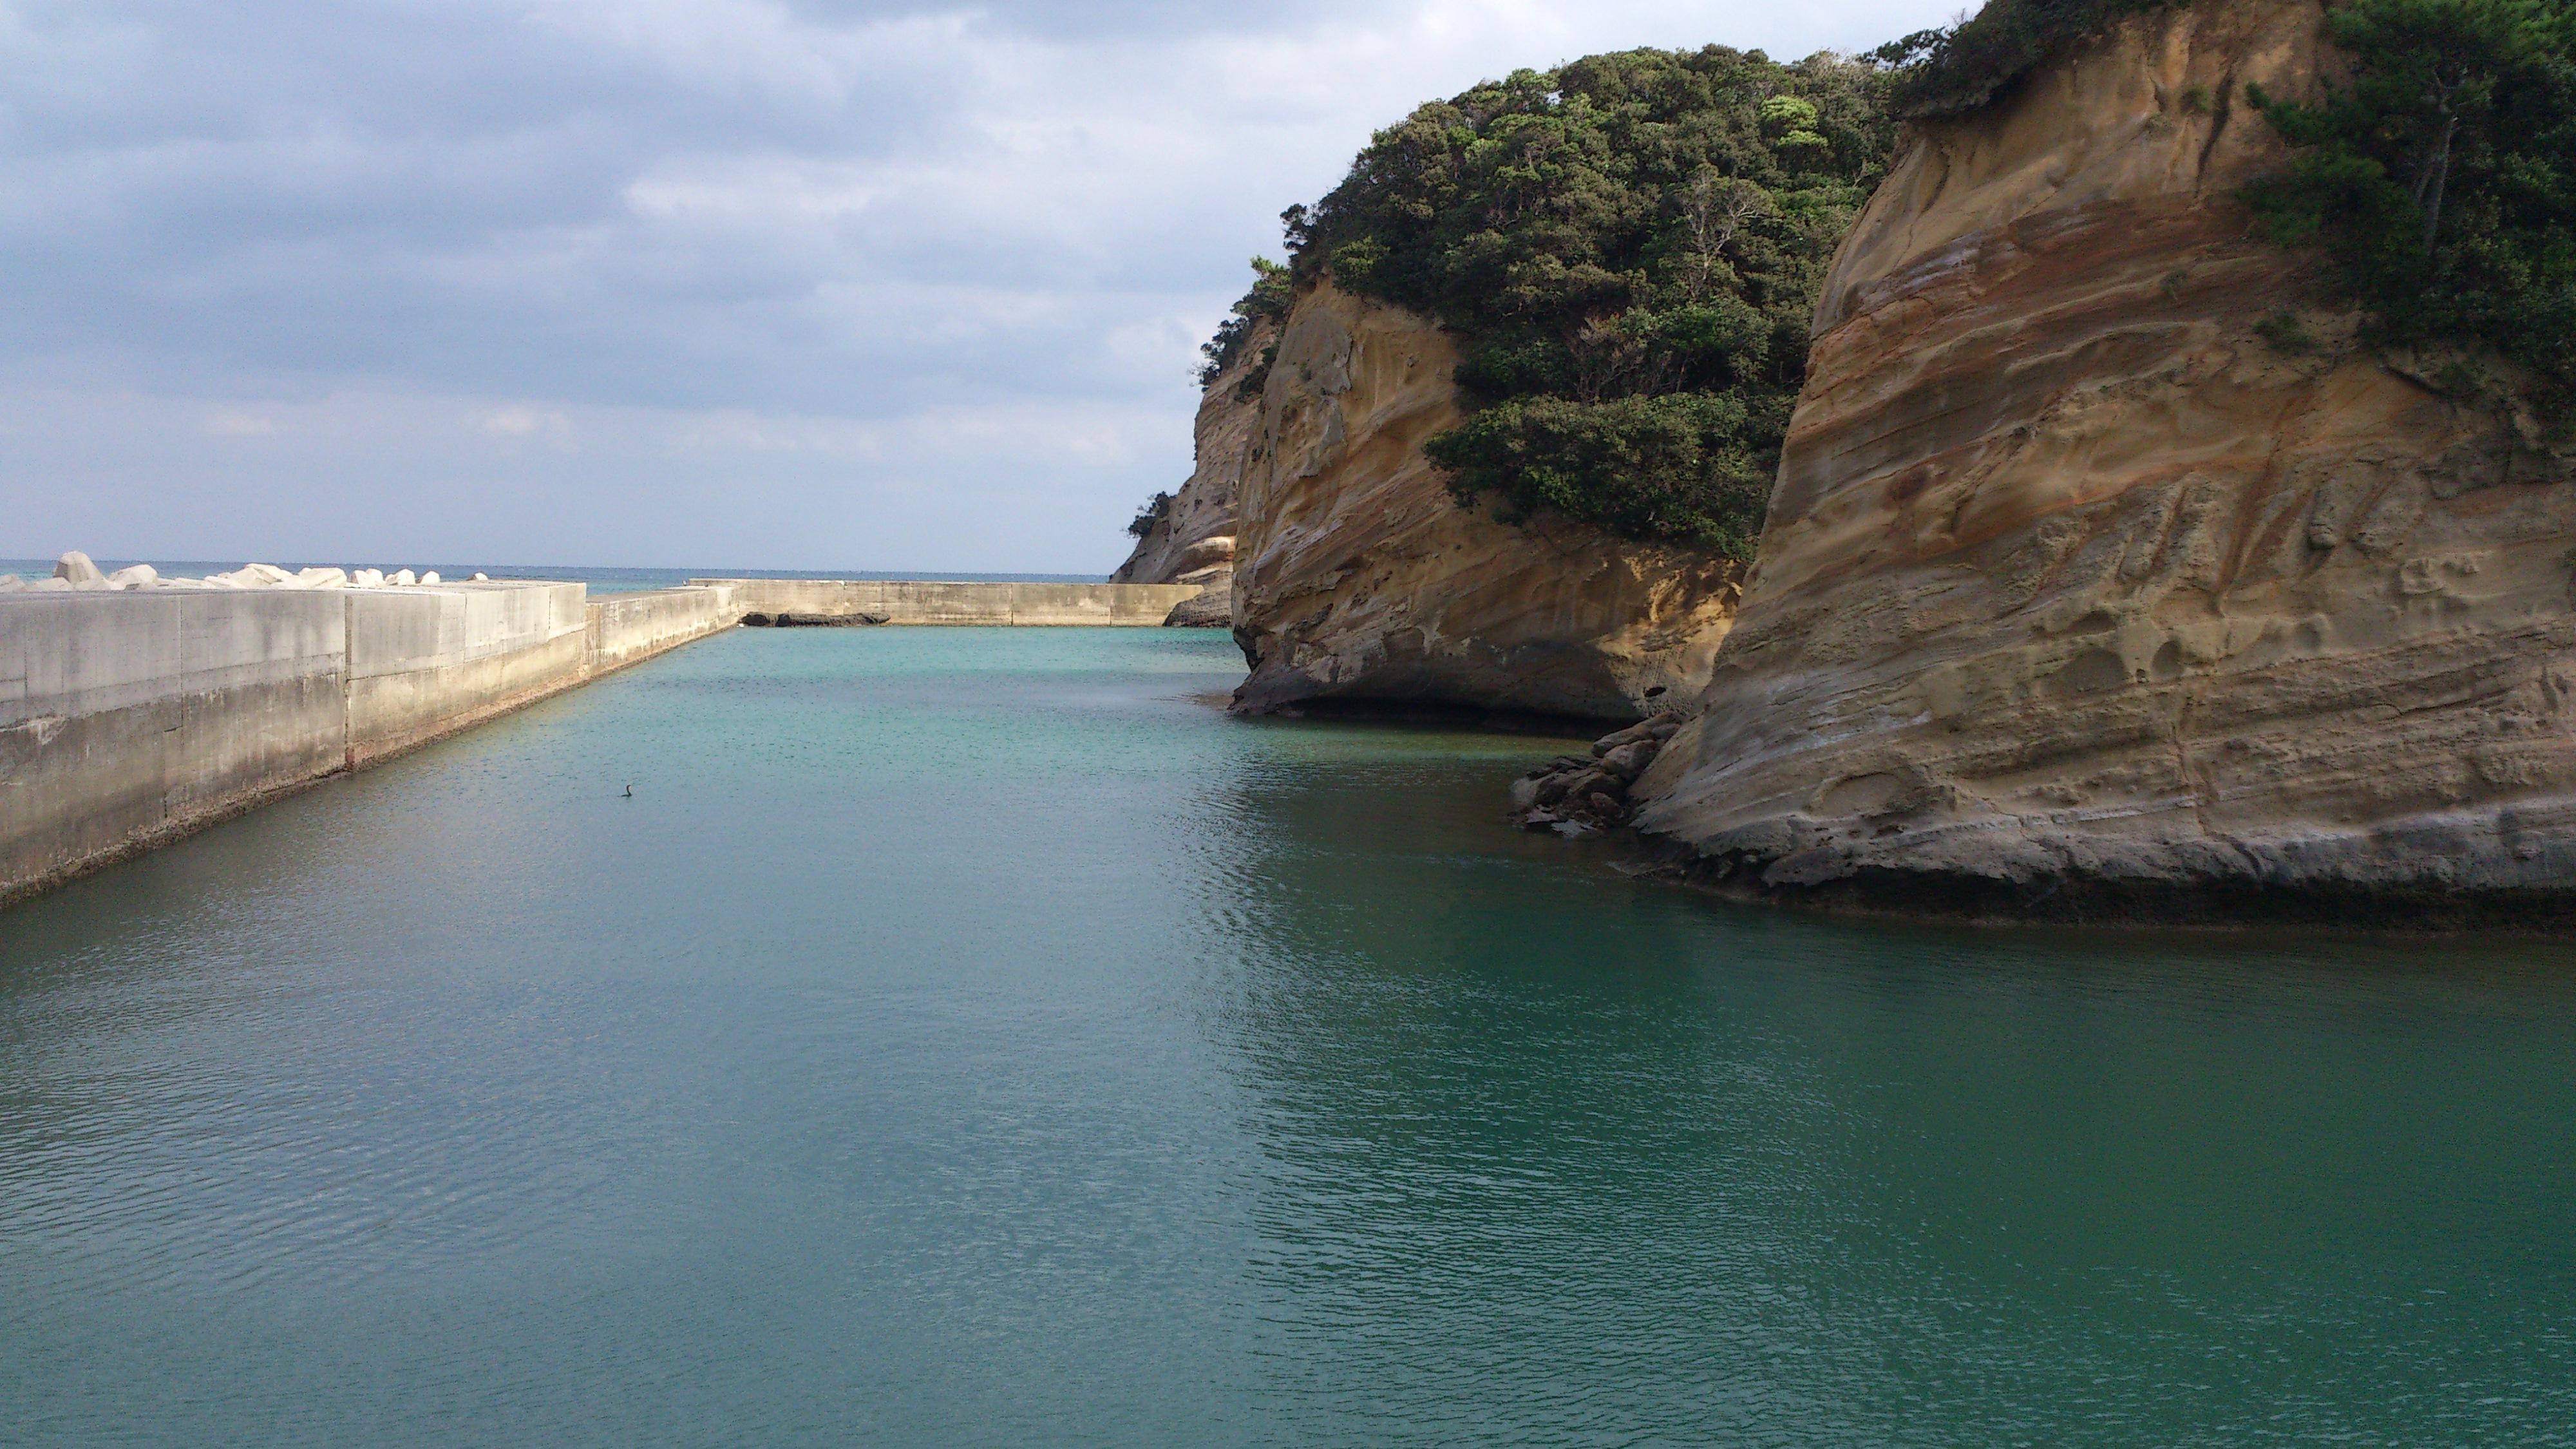 2012年12月。僕は種子島を一人で旅した:防波堤と岩肌。どこで撮ったか忘れた